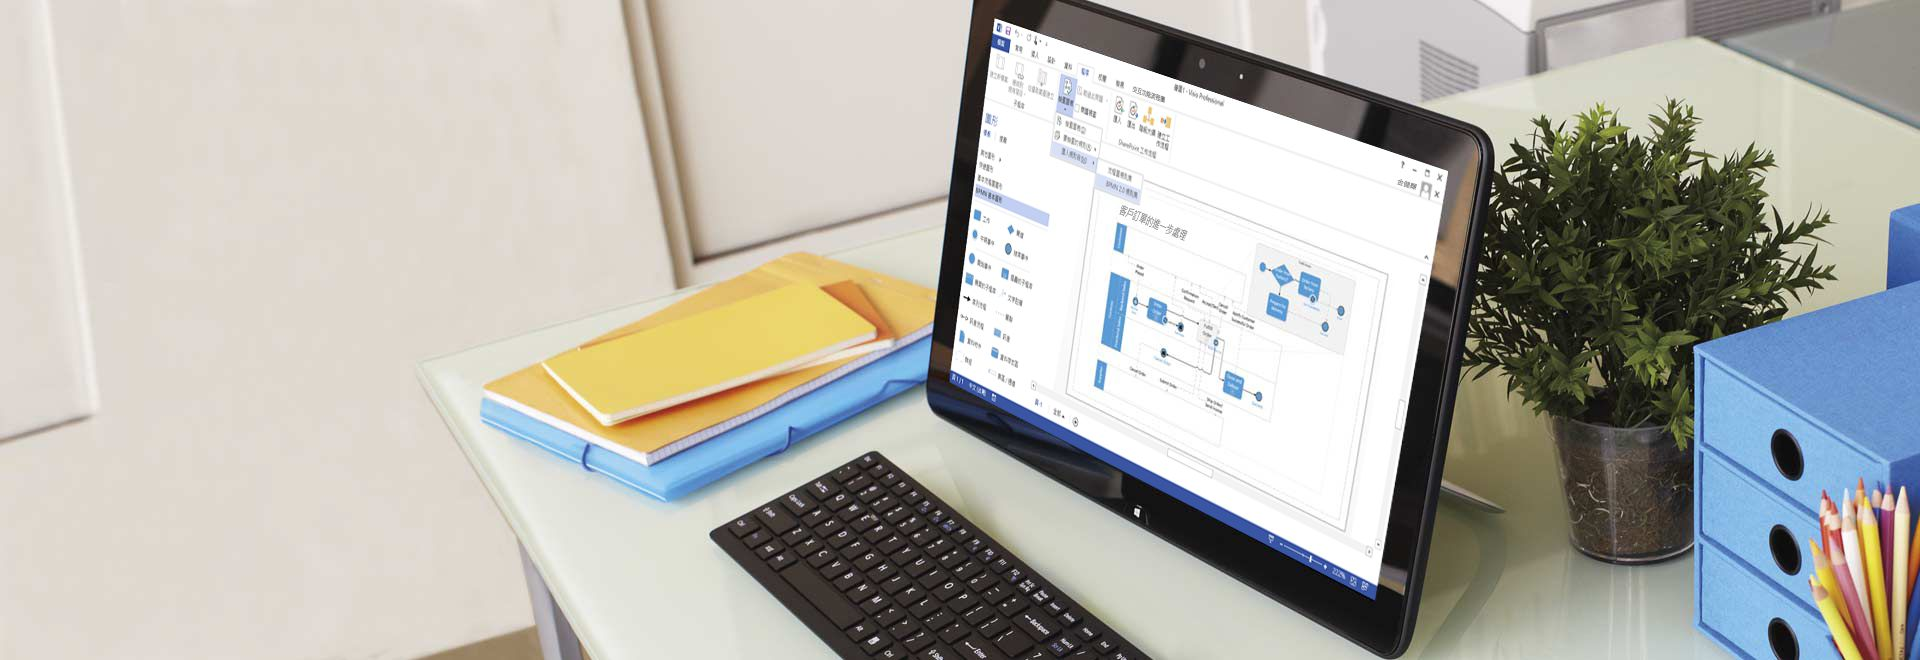 桌上有一台顯示 Visio 專業版 2016 流程圖的平板電腦